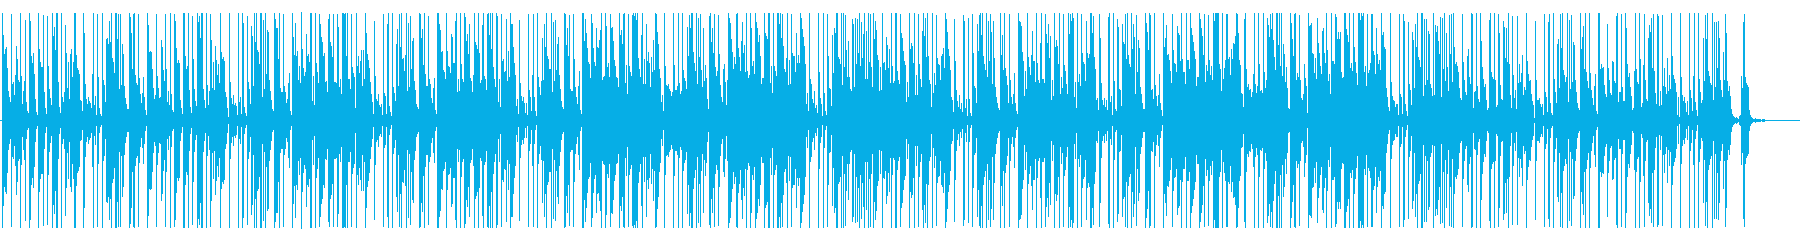 リズミカル 工場 ダンジョン ピアノの再生済みの波形